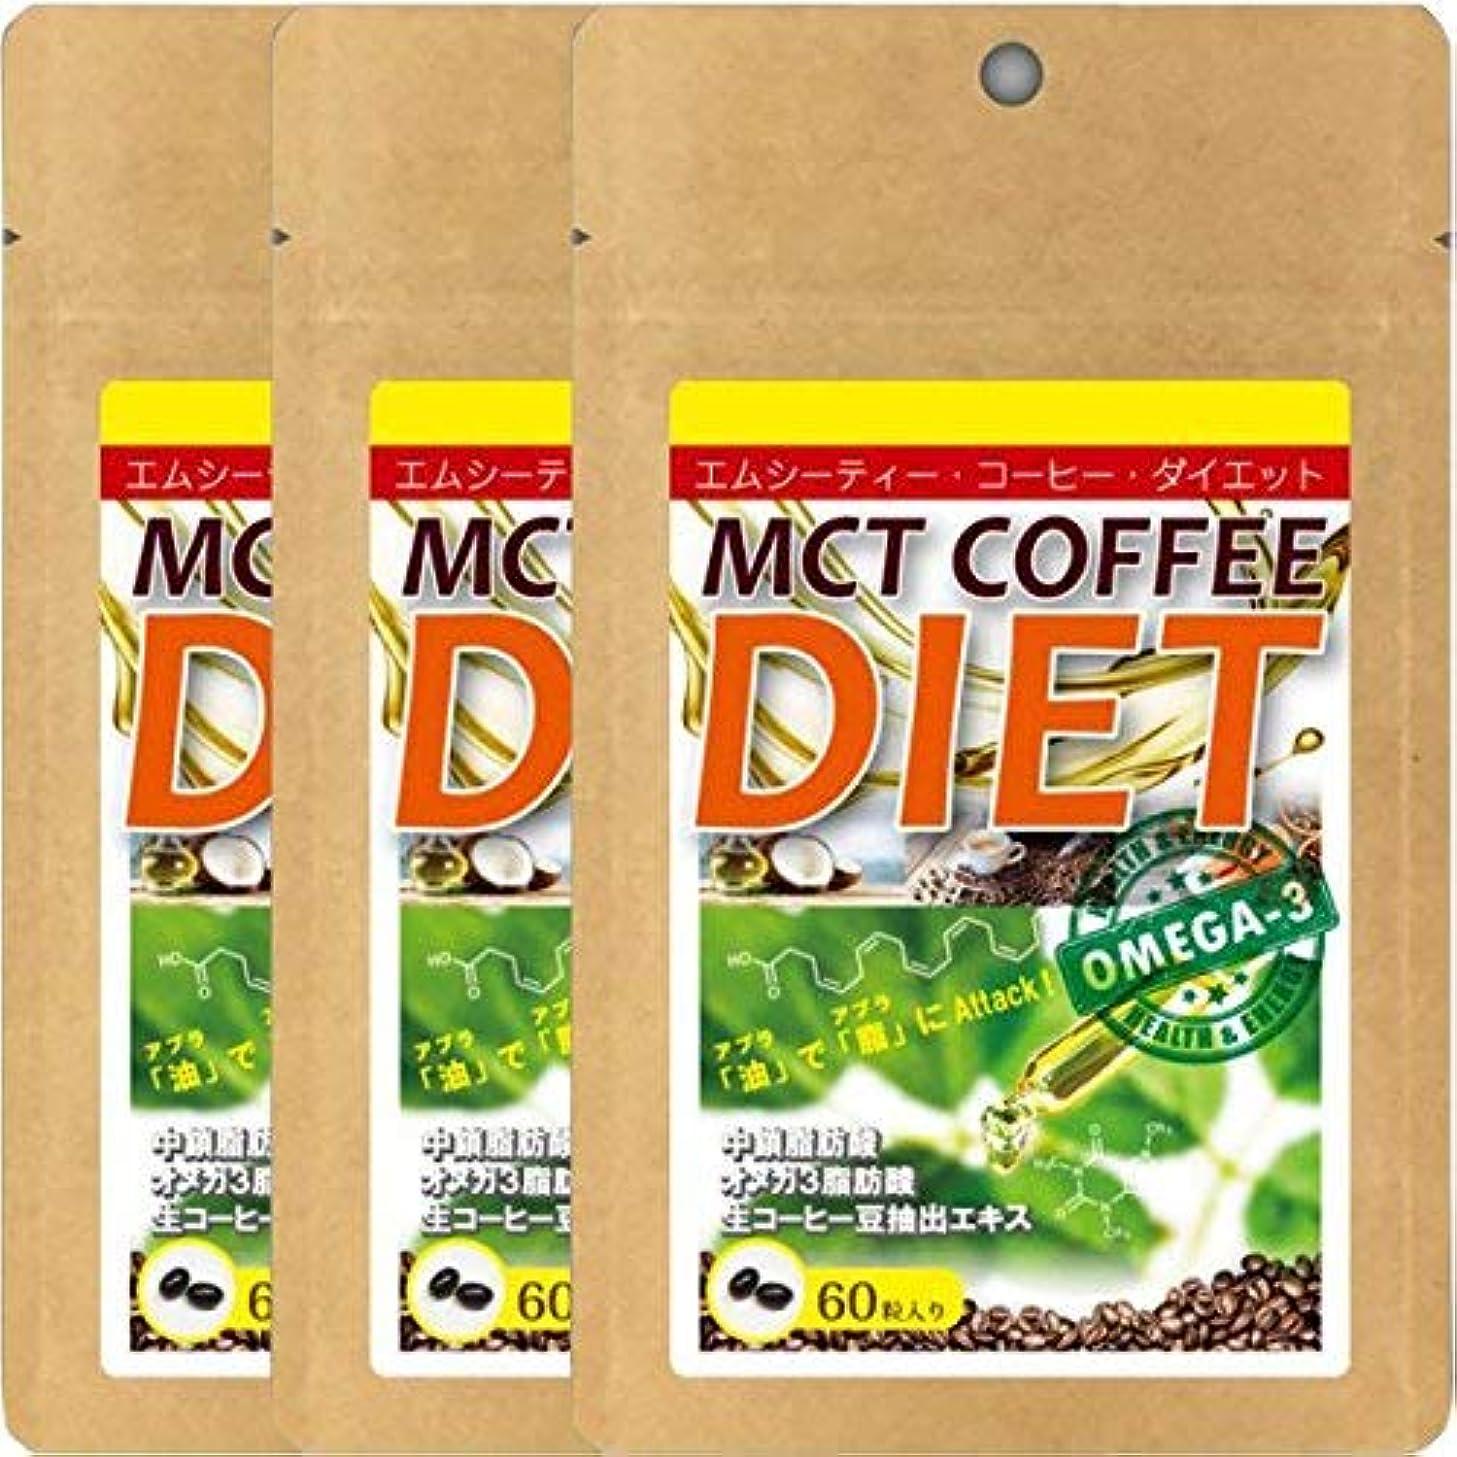 ギャンブル滝妖精【MCTオイル】MCTコーヒーダイエット 3個セット 【10% OFF !! 】 60カプセル入り